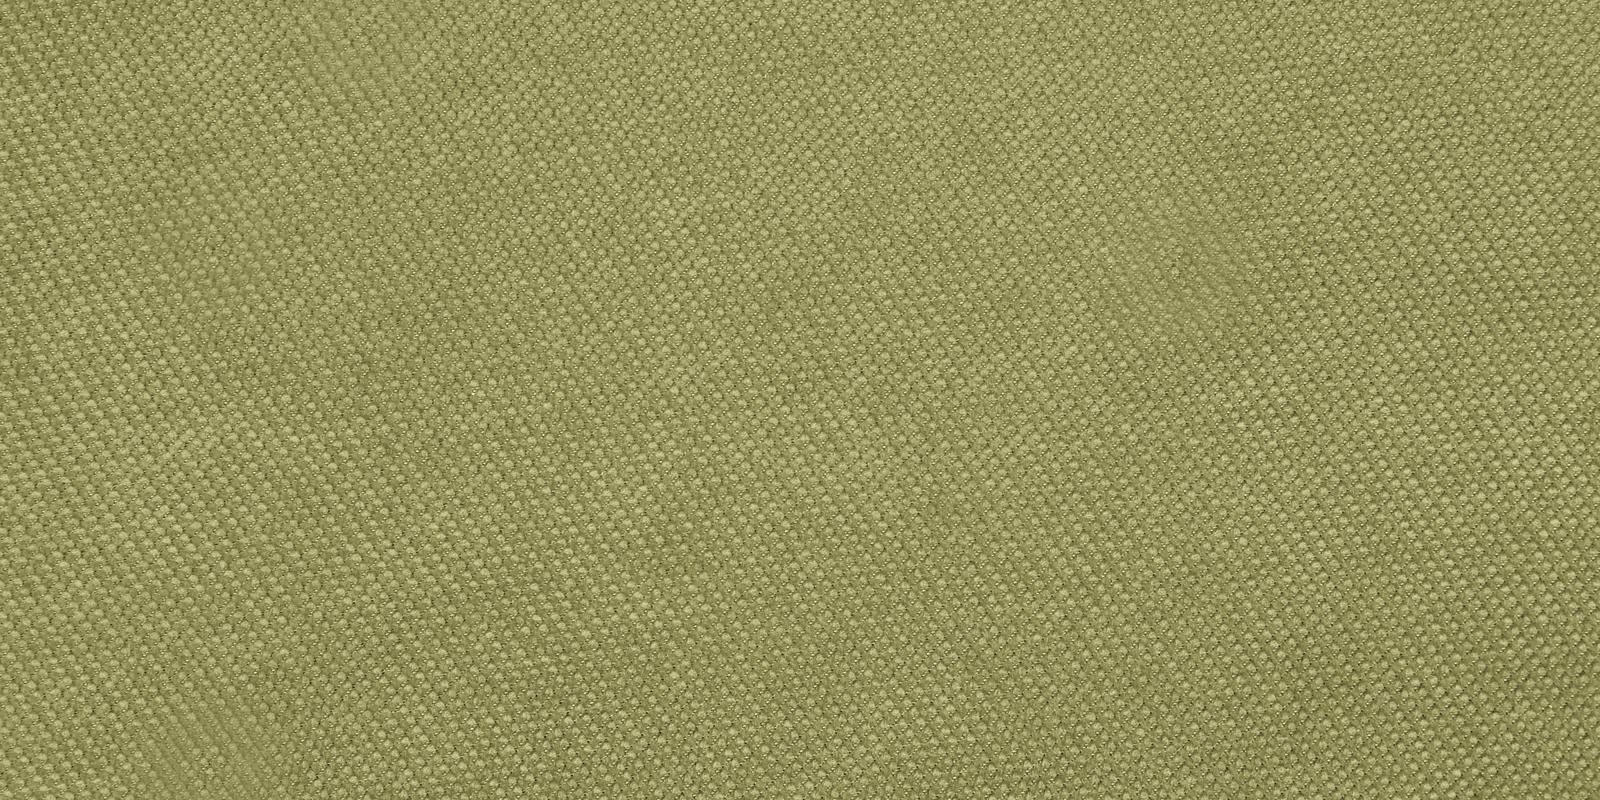 Диван тканевый прямой Флэтфорд Elegance фисташковый/желтый (Мировелюр)